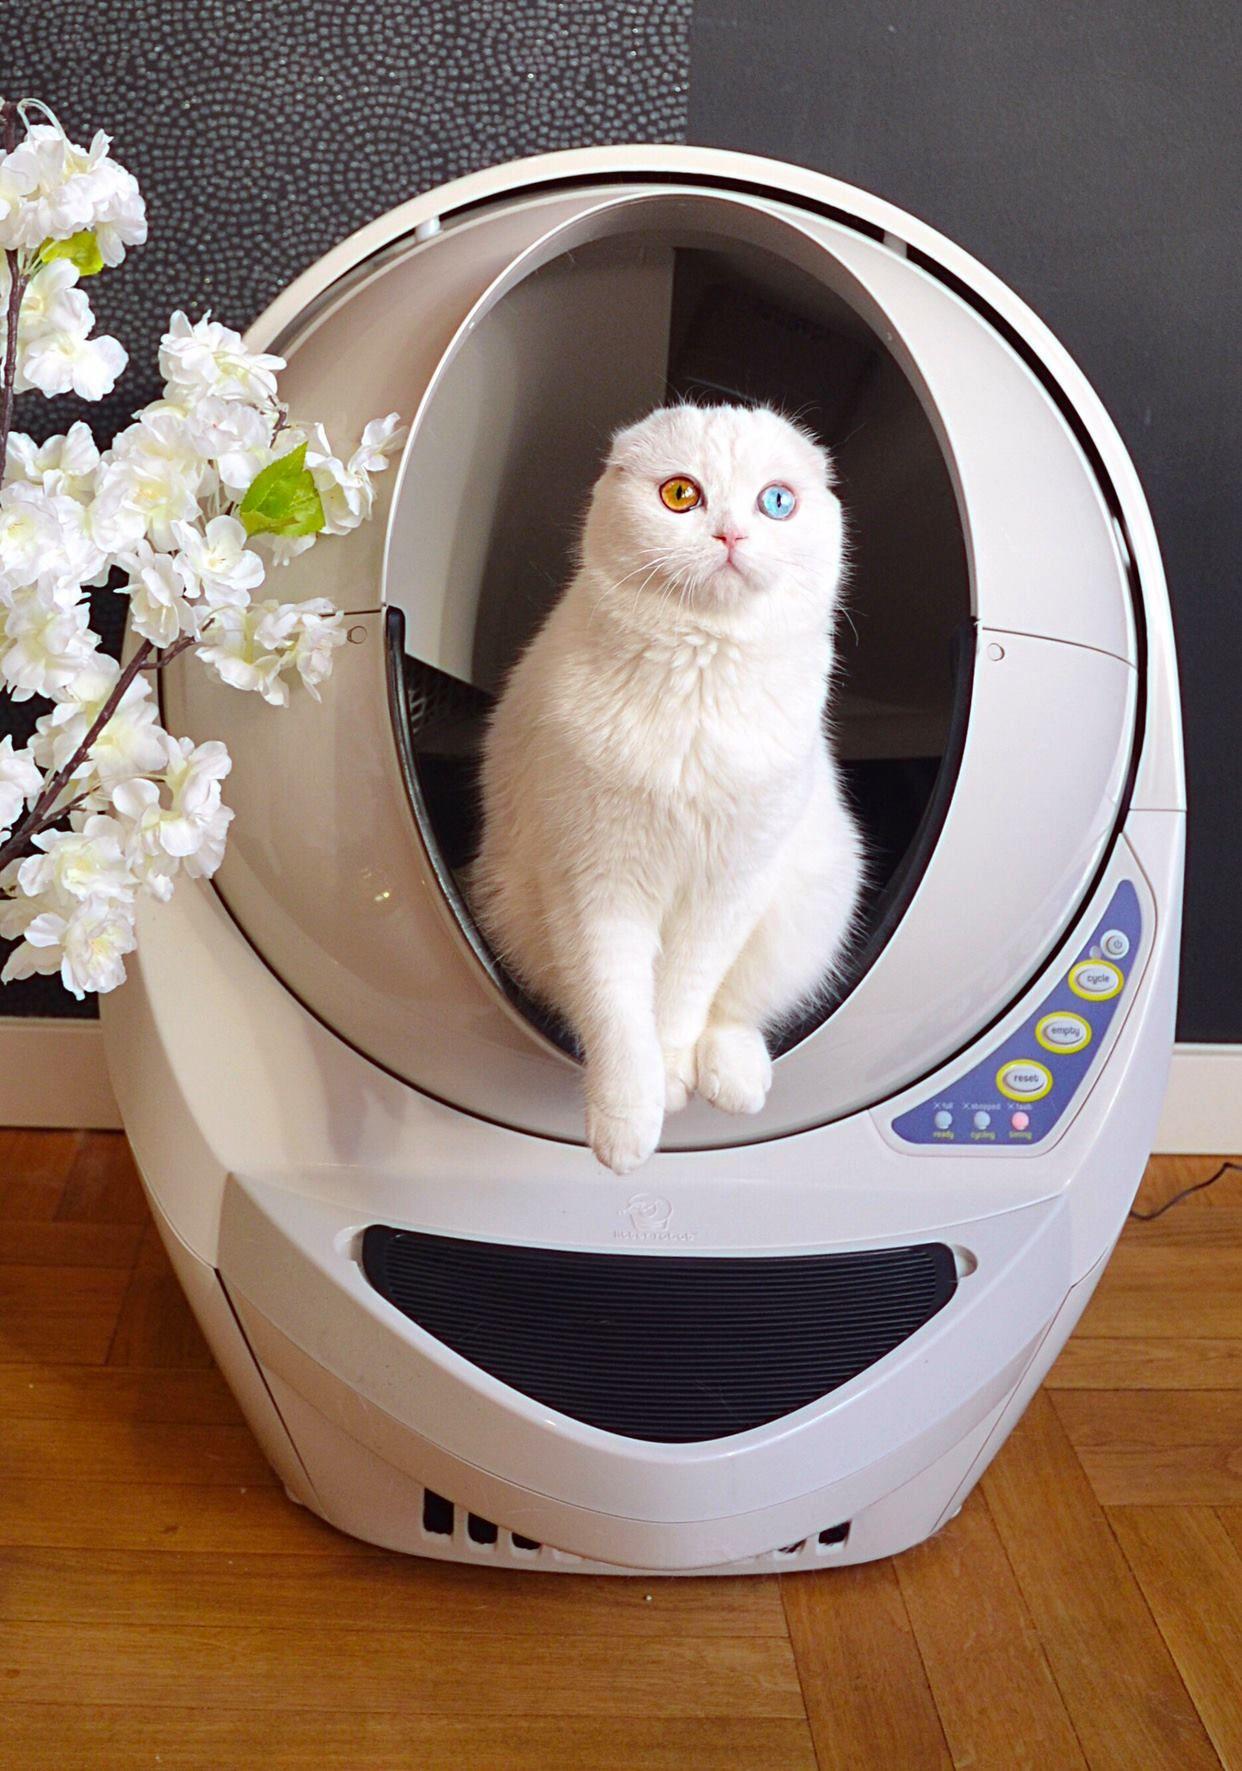 Automatic LitterRobot III Open Air Litter robot, Cat